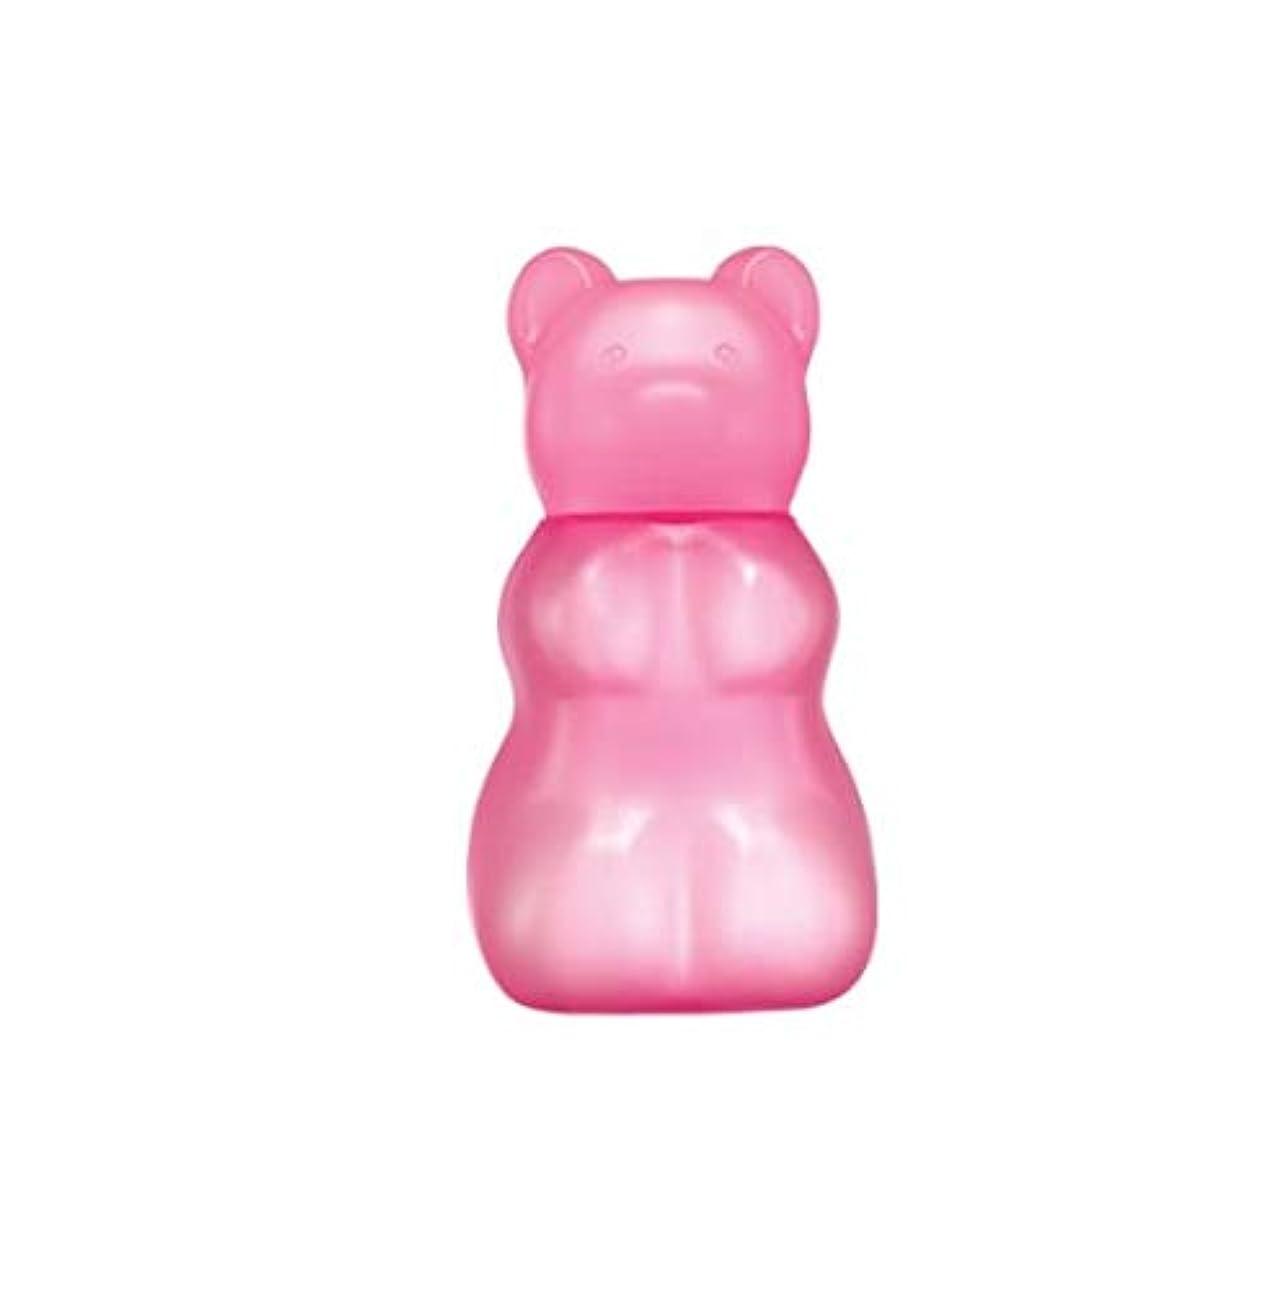 モスク役立つ造船Skinfood グミベアゼリークリーンジェル(アップル)#ラズベリー(ハンドジェル) / Gummy Bear Jelly Clean Gel (Apple) #Raspberry (Handgel) 45ml [並行輸入品]